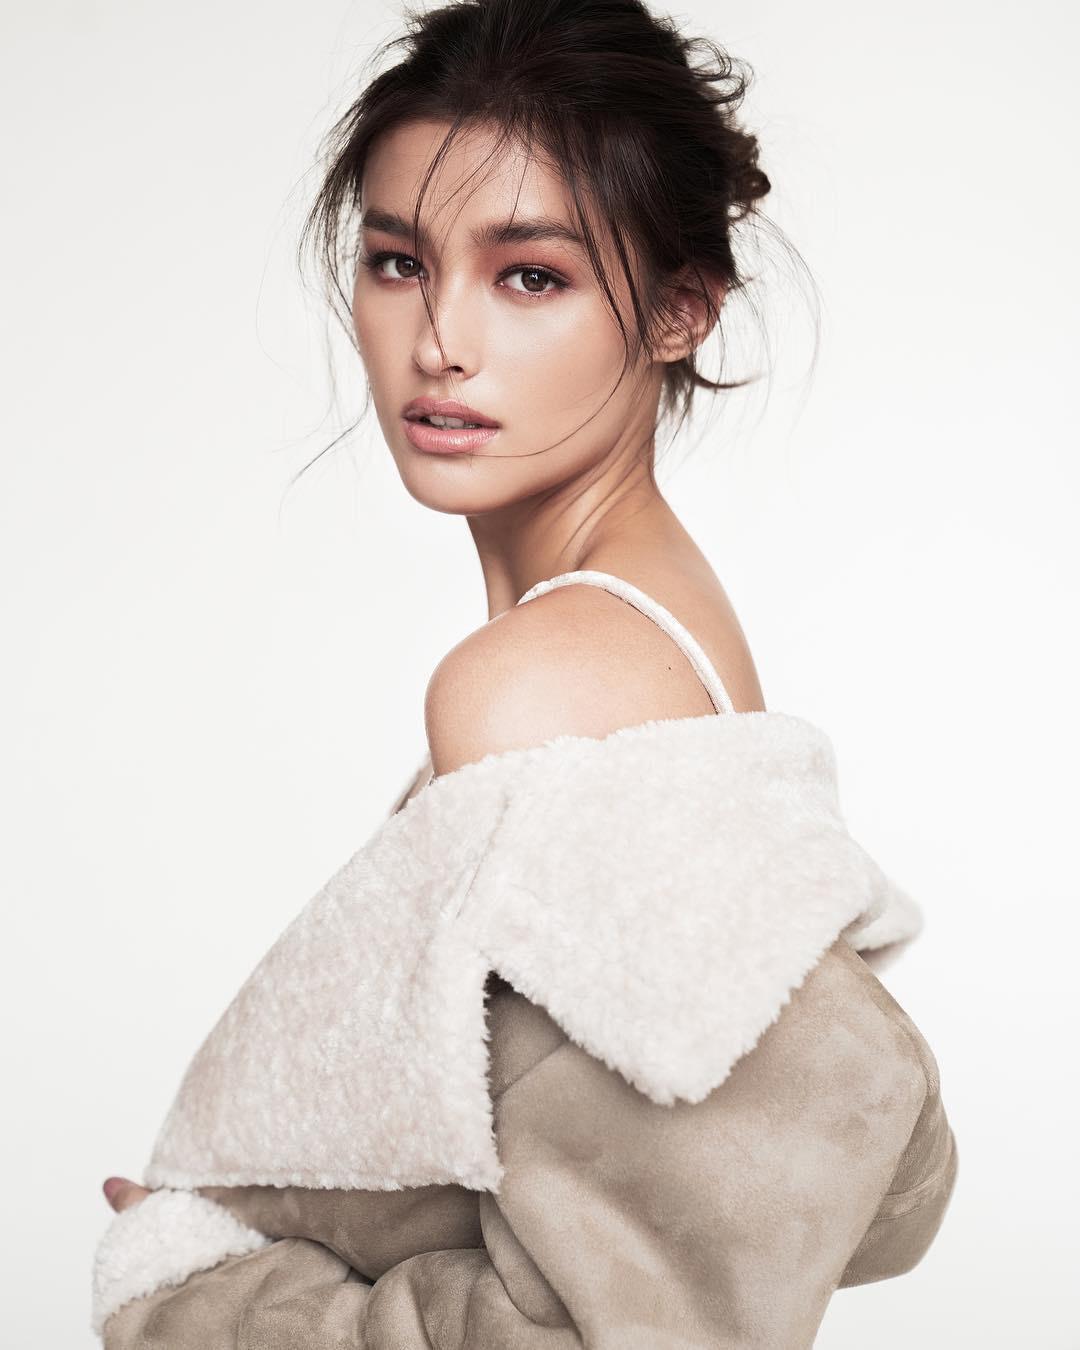 Nhan sắc của mỹ nhân đẹp nhất thế giới 2019-4